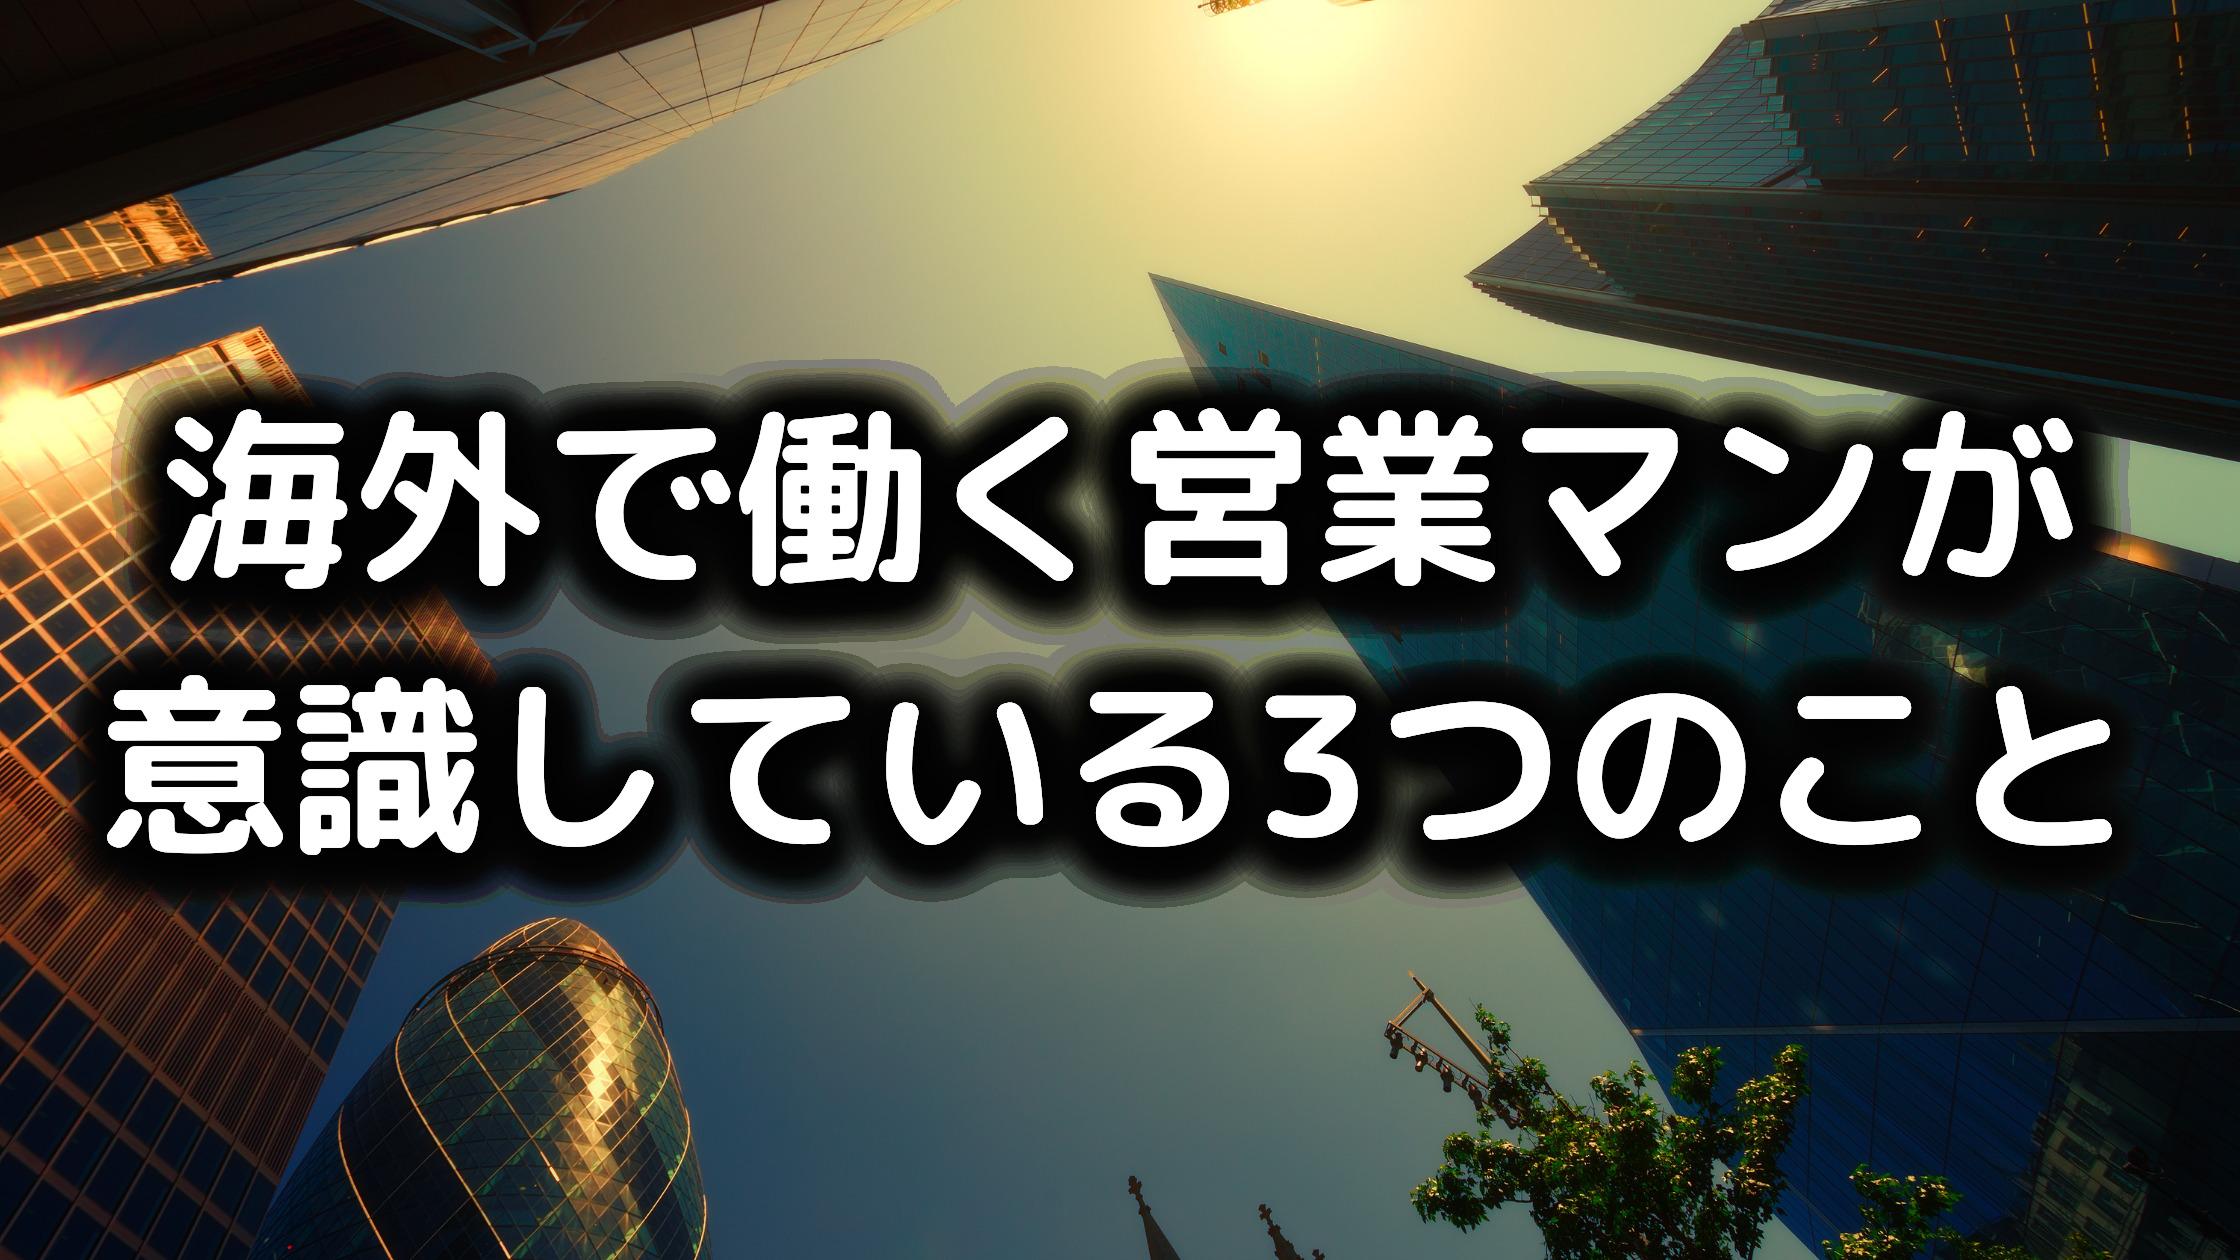 海外と日本の営業の違い